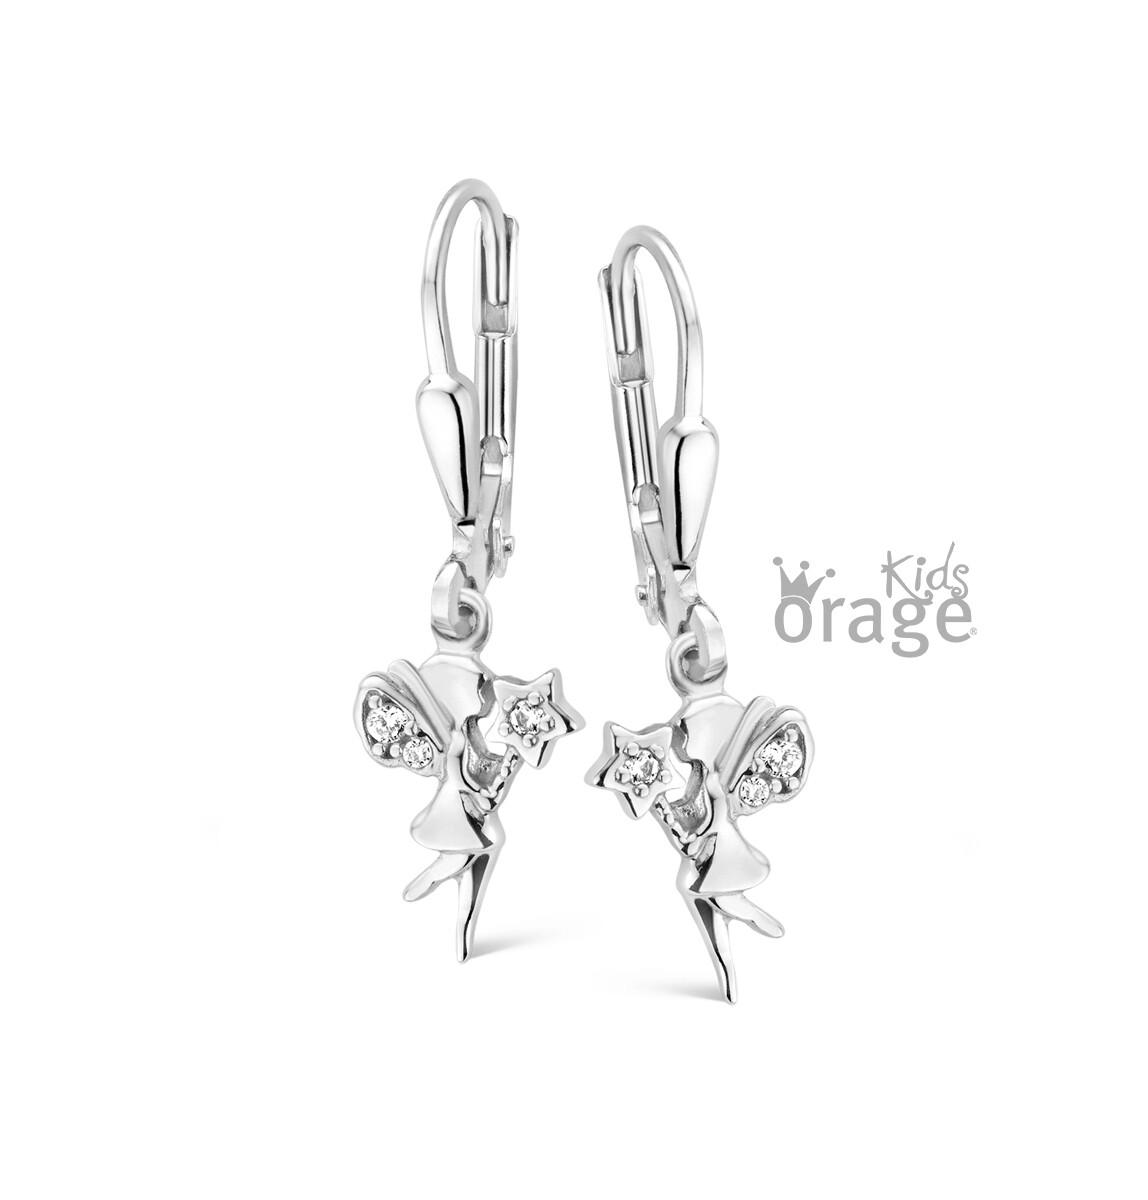 Boucles d'oreilles Orage Kids K1862